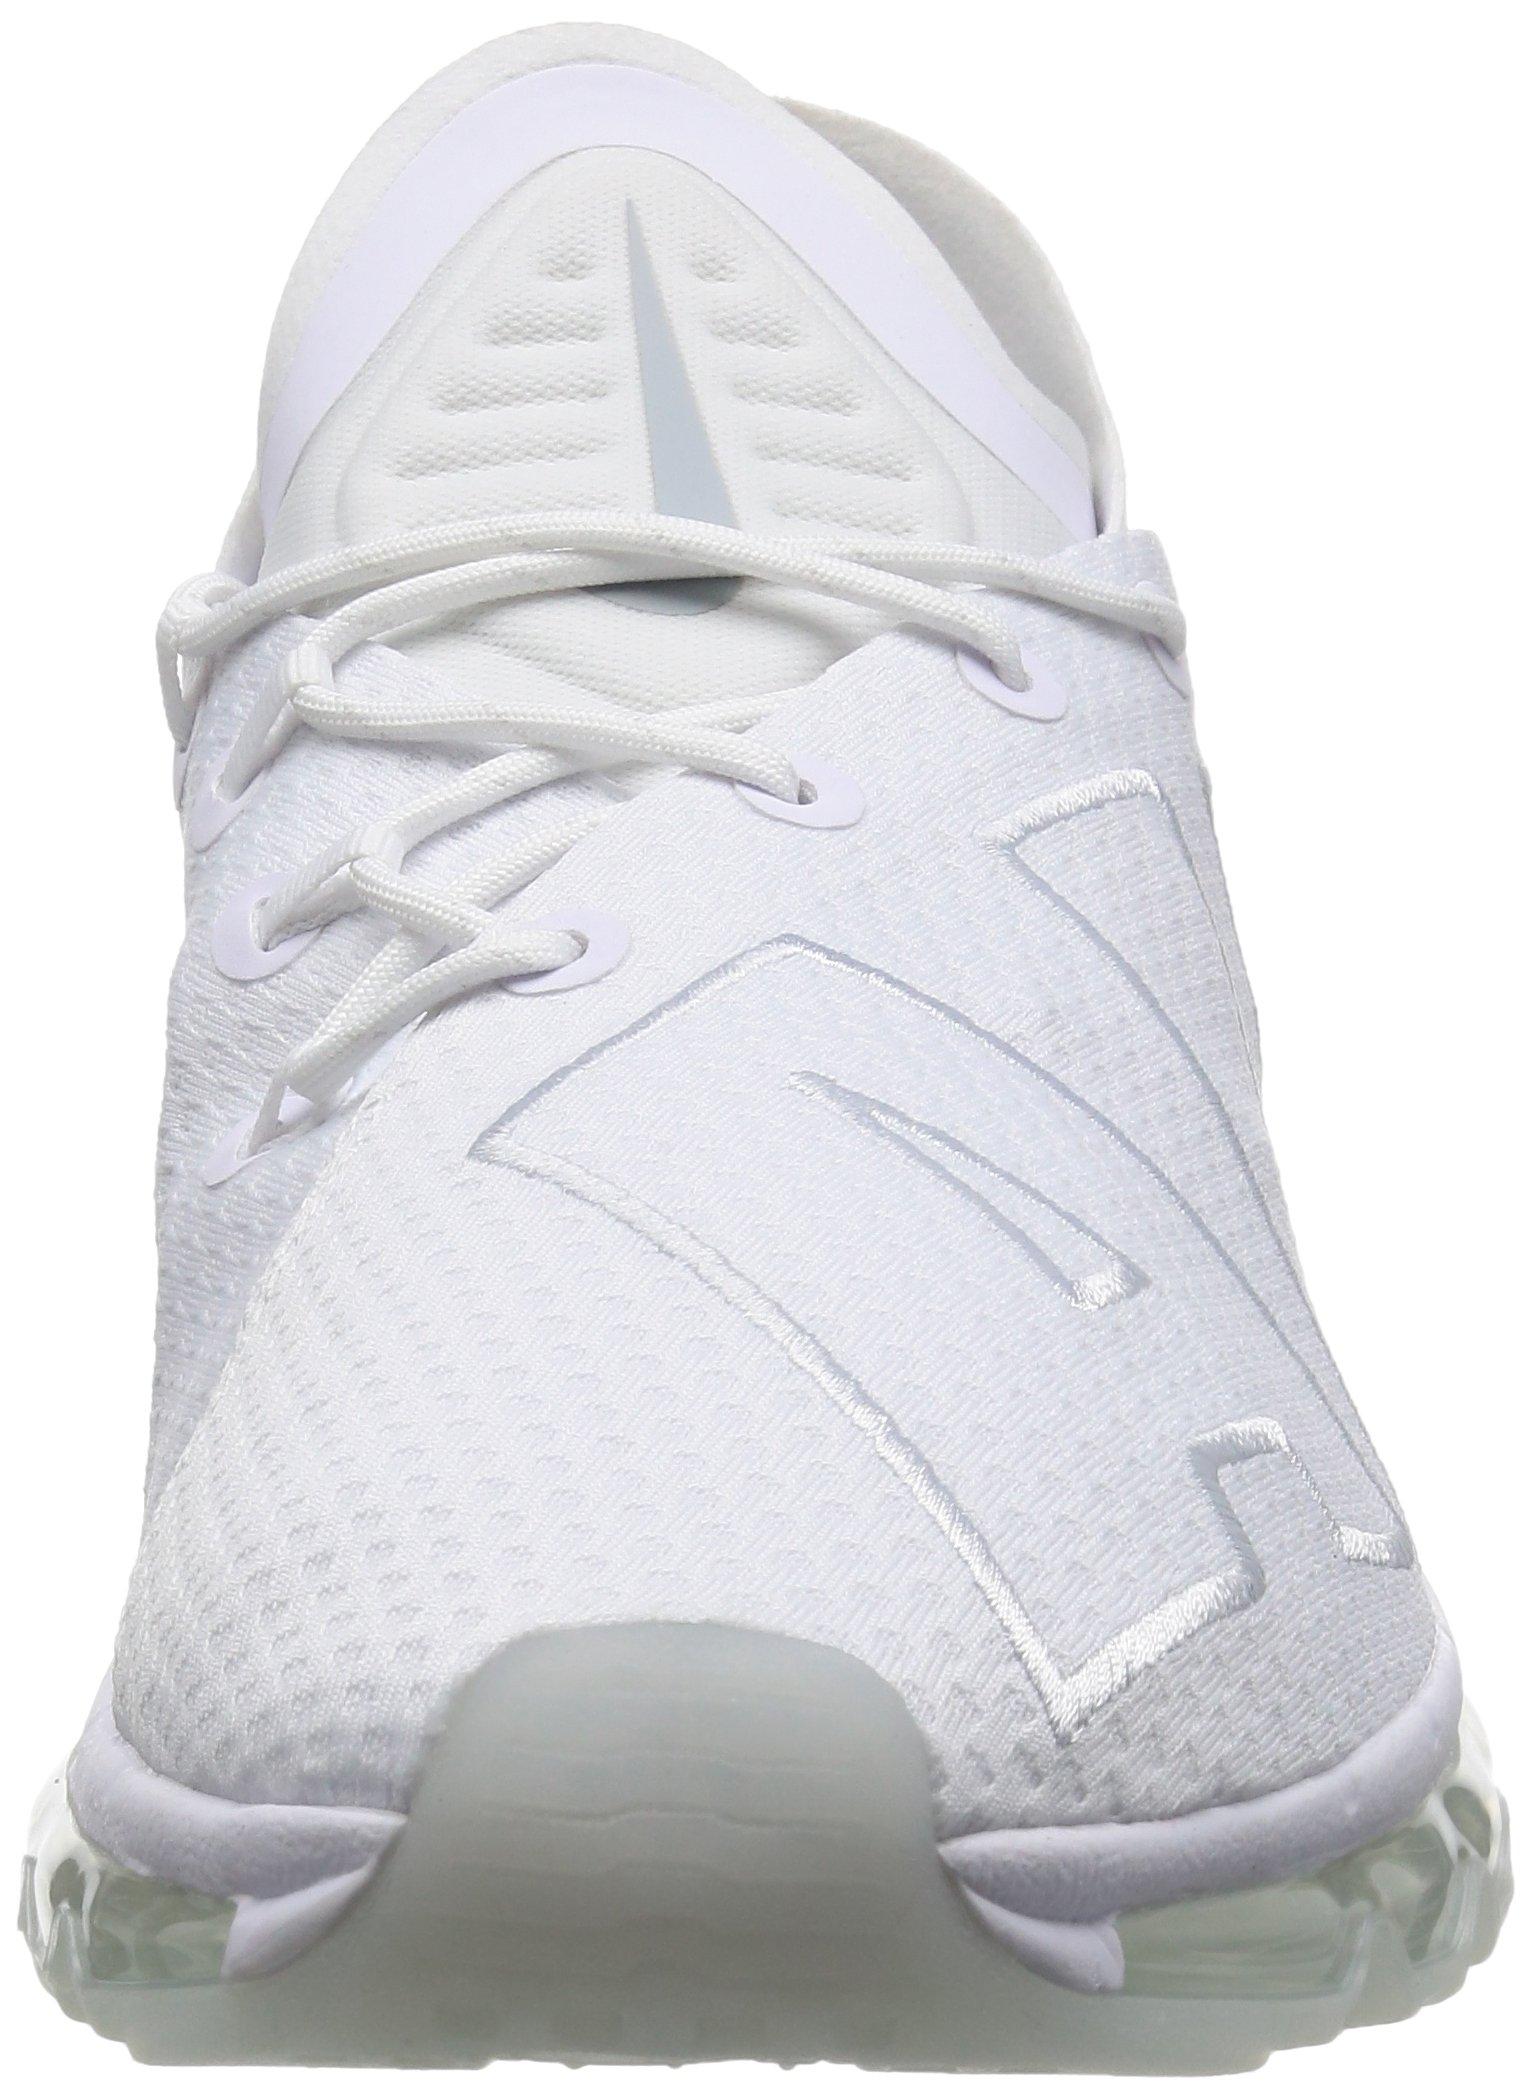 81VE4Ck9MML - Nike Mens - Air Max Flair - Triple White - 942236-100